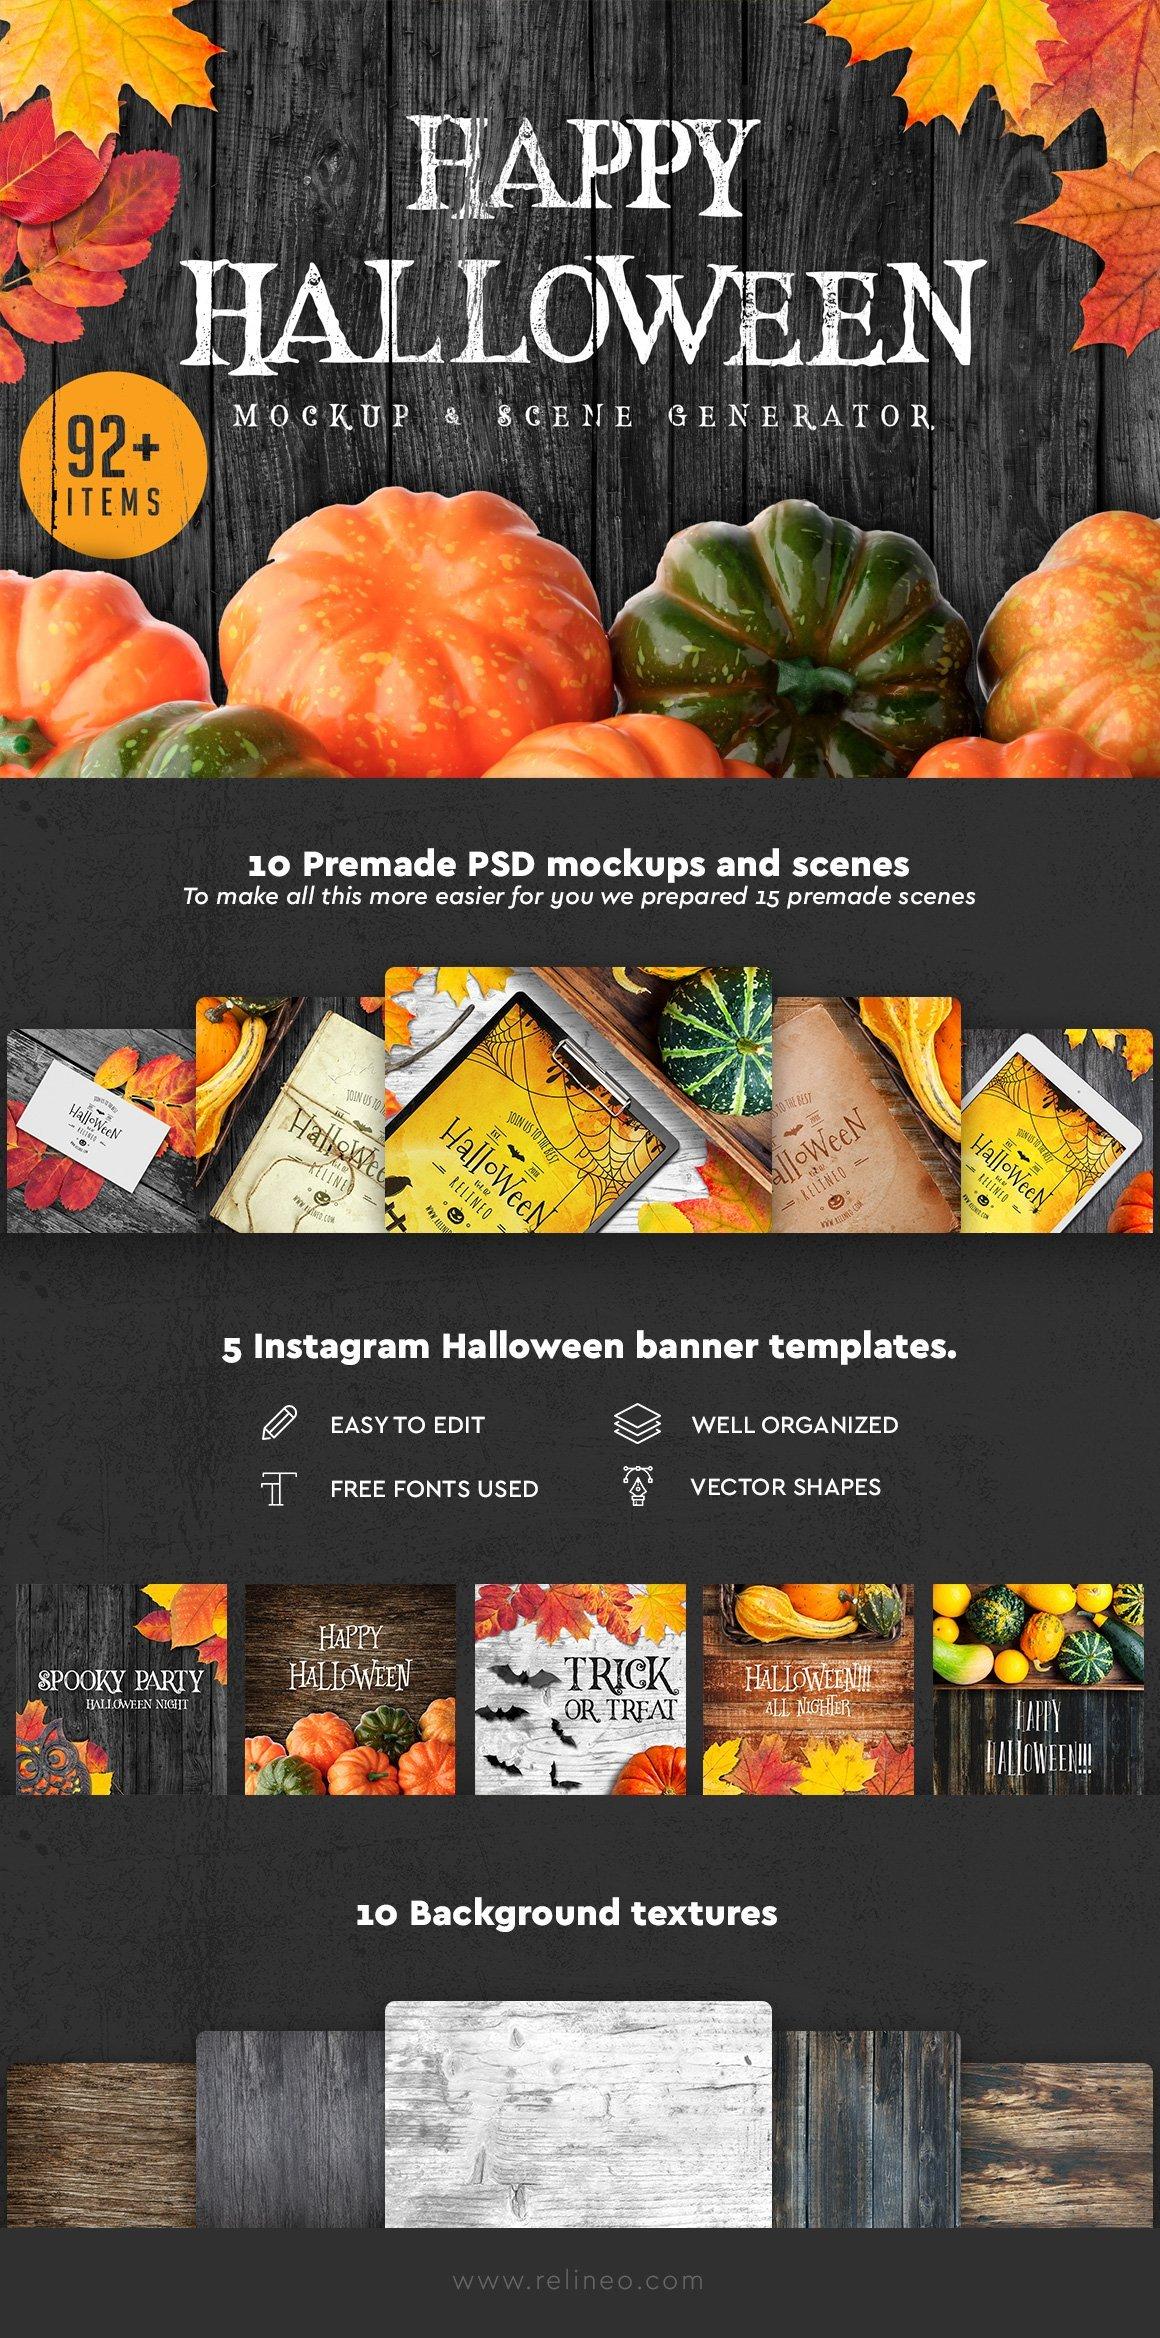 Halloween Scene and Mockup Creator